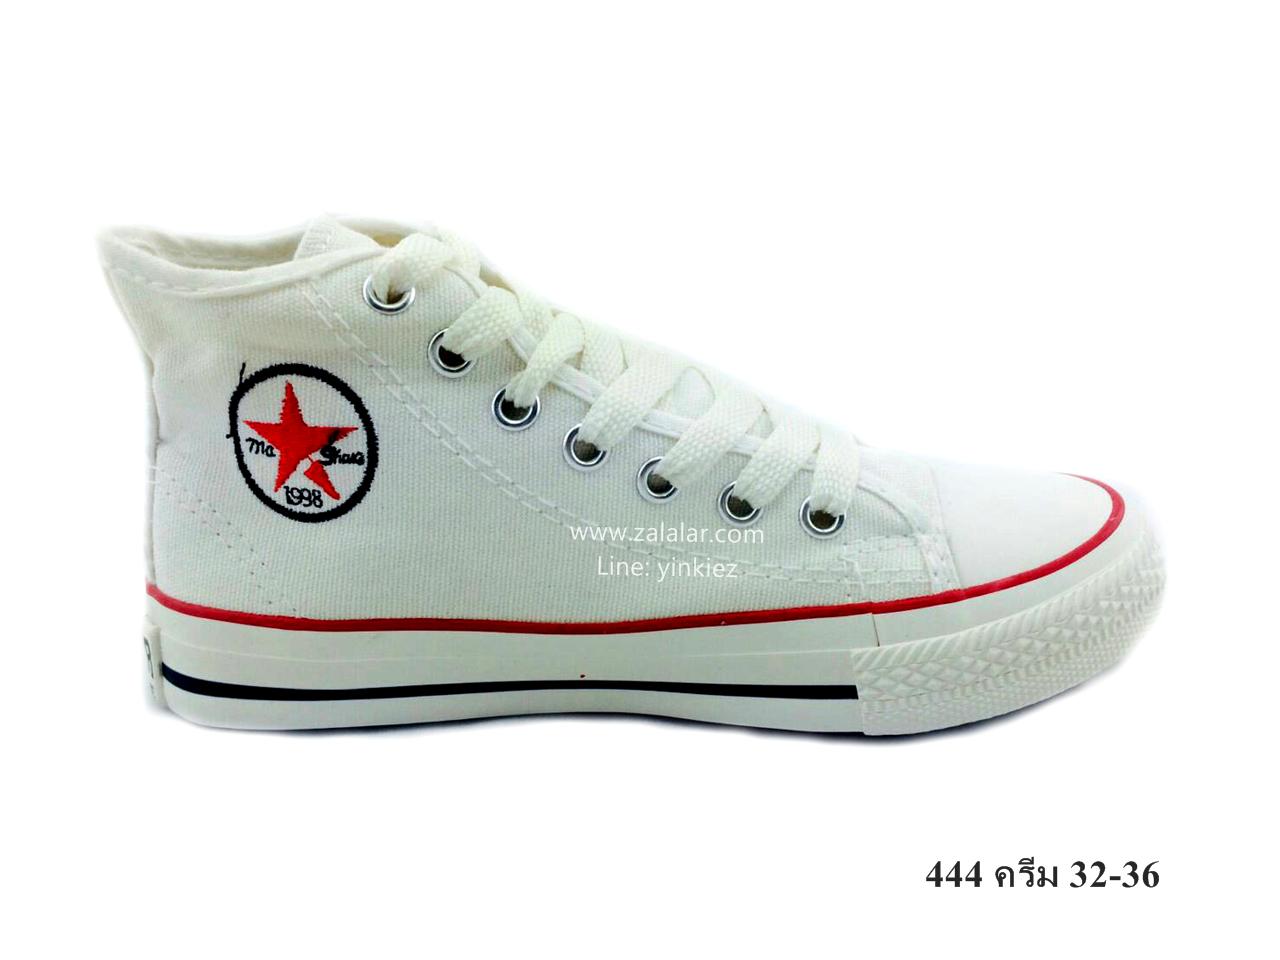 [พร้อมส่ง] รองเท้าผ้าใบเด็กแฟชั่น รุ่น 444 สีครีม (หุ้มข้อ)